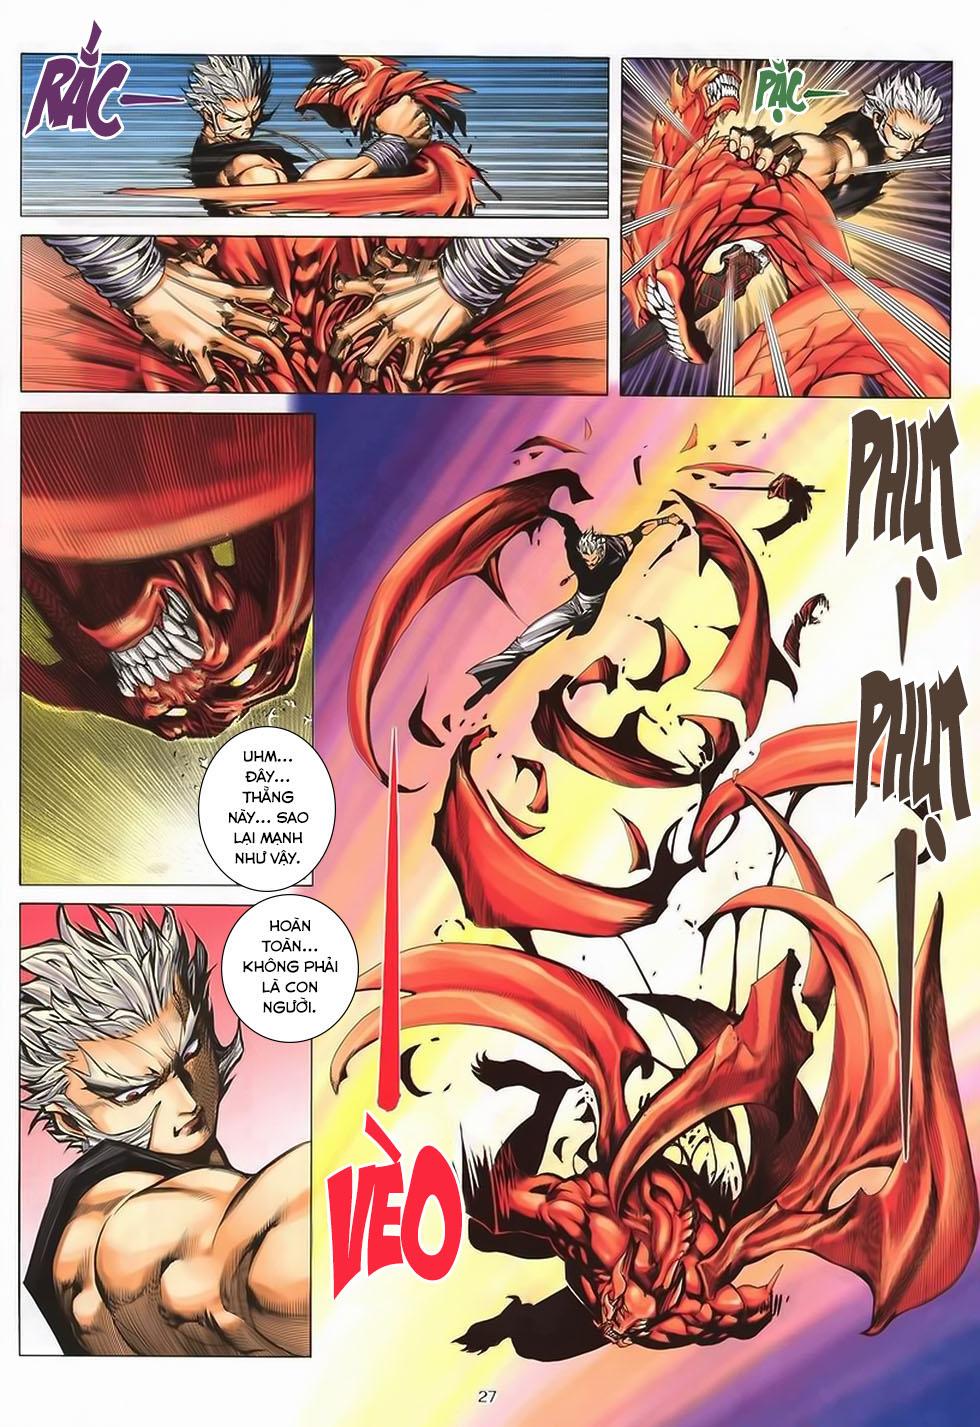 Chiến Thần Ký chap 40 - Trang 27